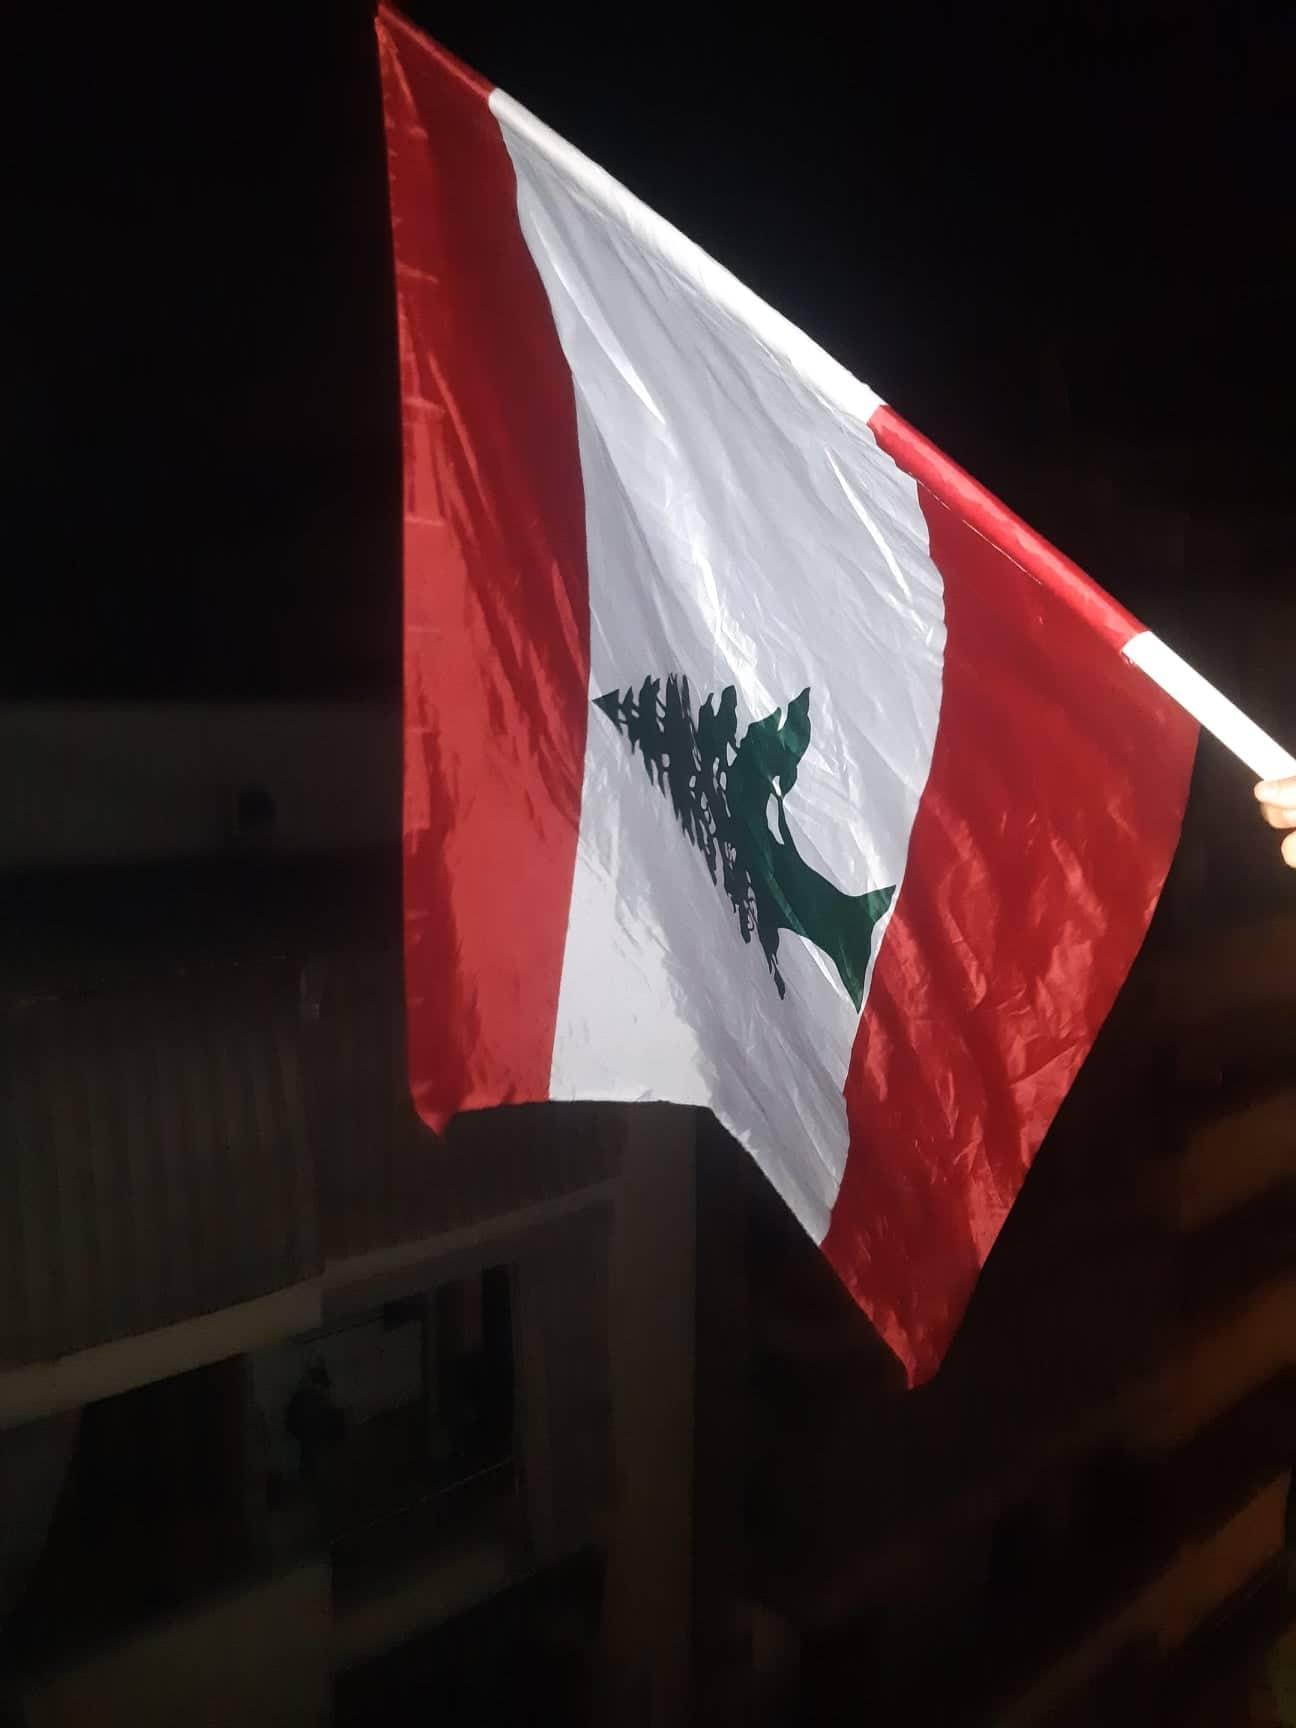 Dans toutes les rues du pays, c'est le drapeau libanais qui flotte, aucun autre drapeau n'est toléré car cette fois ci le peuple est uni. Les Libanais de tout bords politiques et de toutes classes sociales sont les uns aux côtés des autres pour défendre un intérêt commun et réclamer une amélioration des conditions de vie. Crédit photo CJ